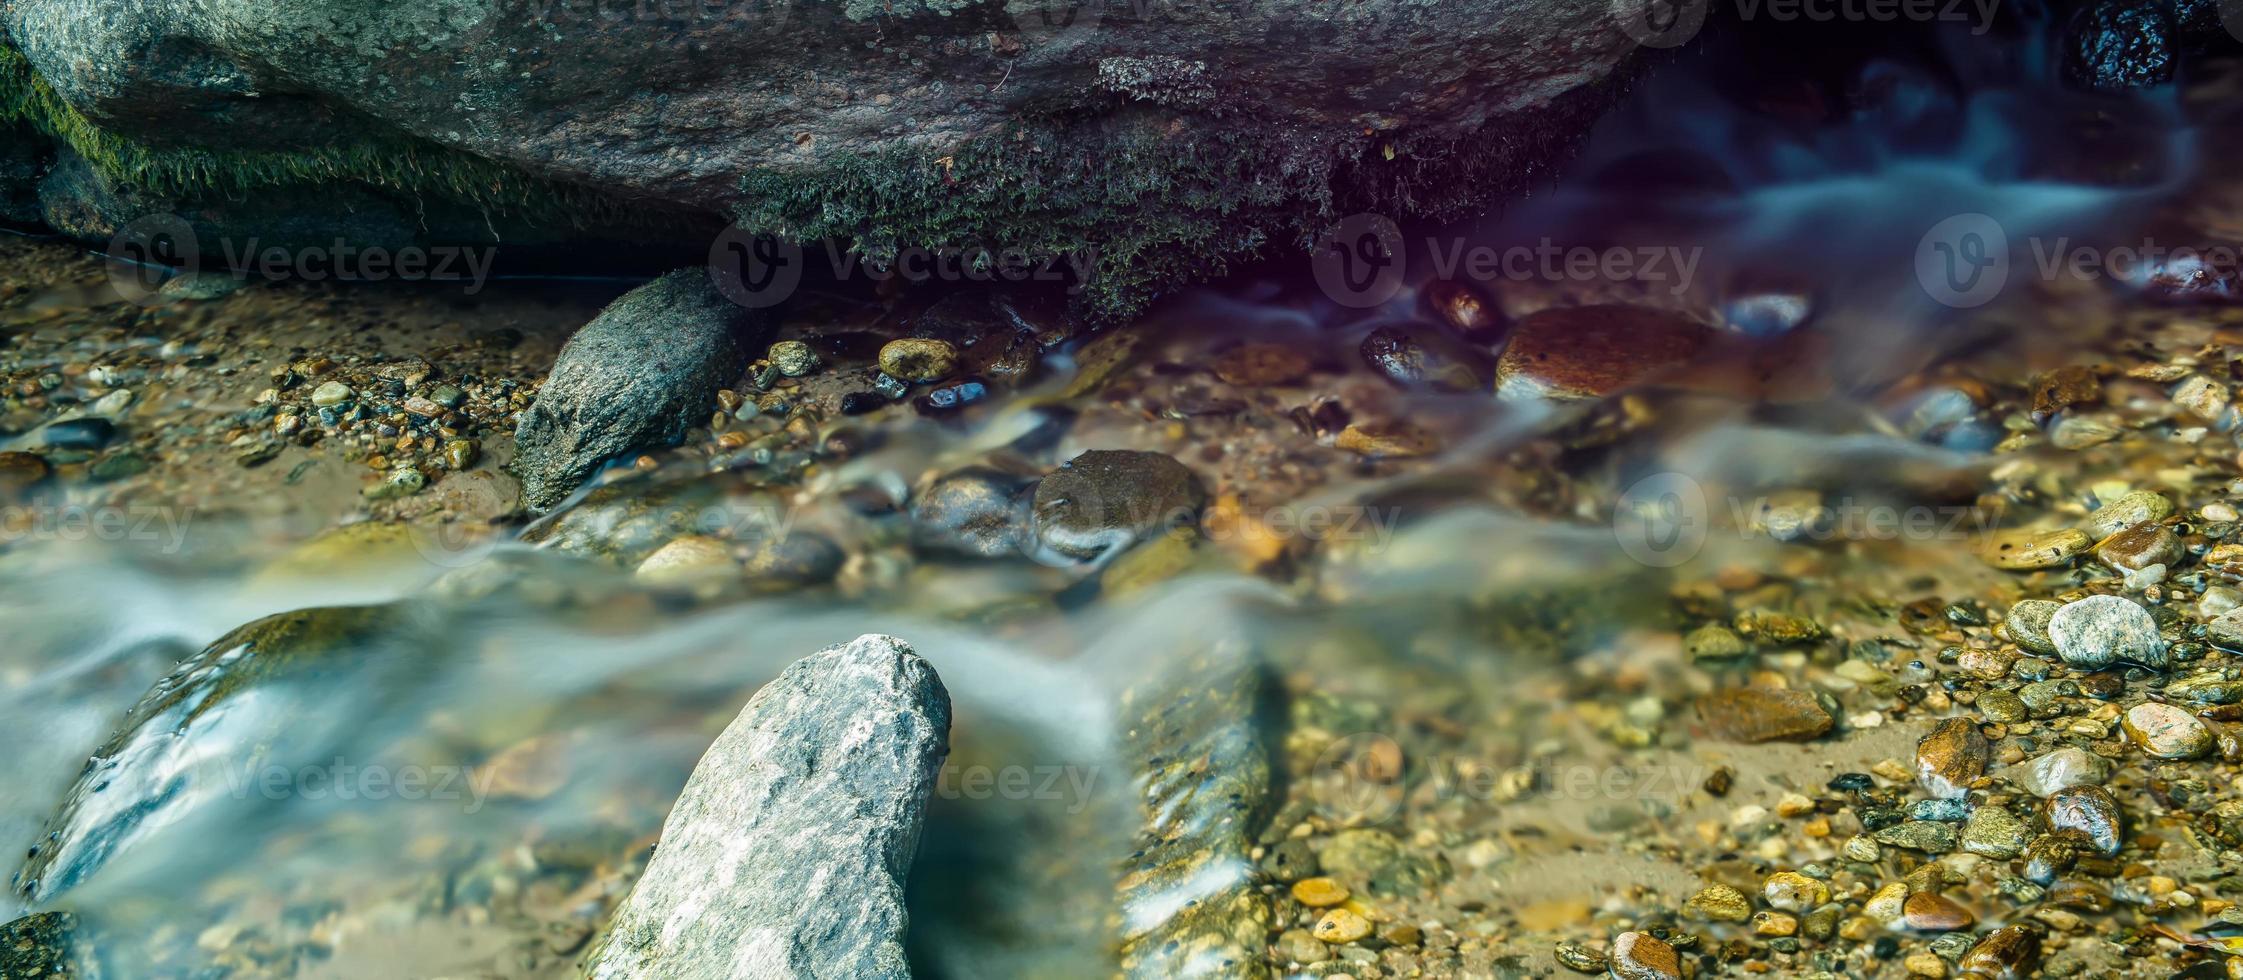 ampio fiume che scorre attraverso la foresta boscosa foto